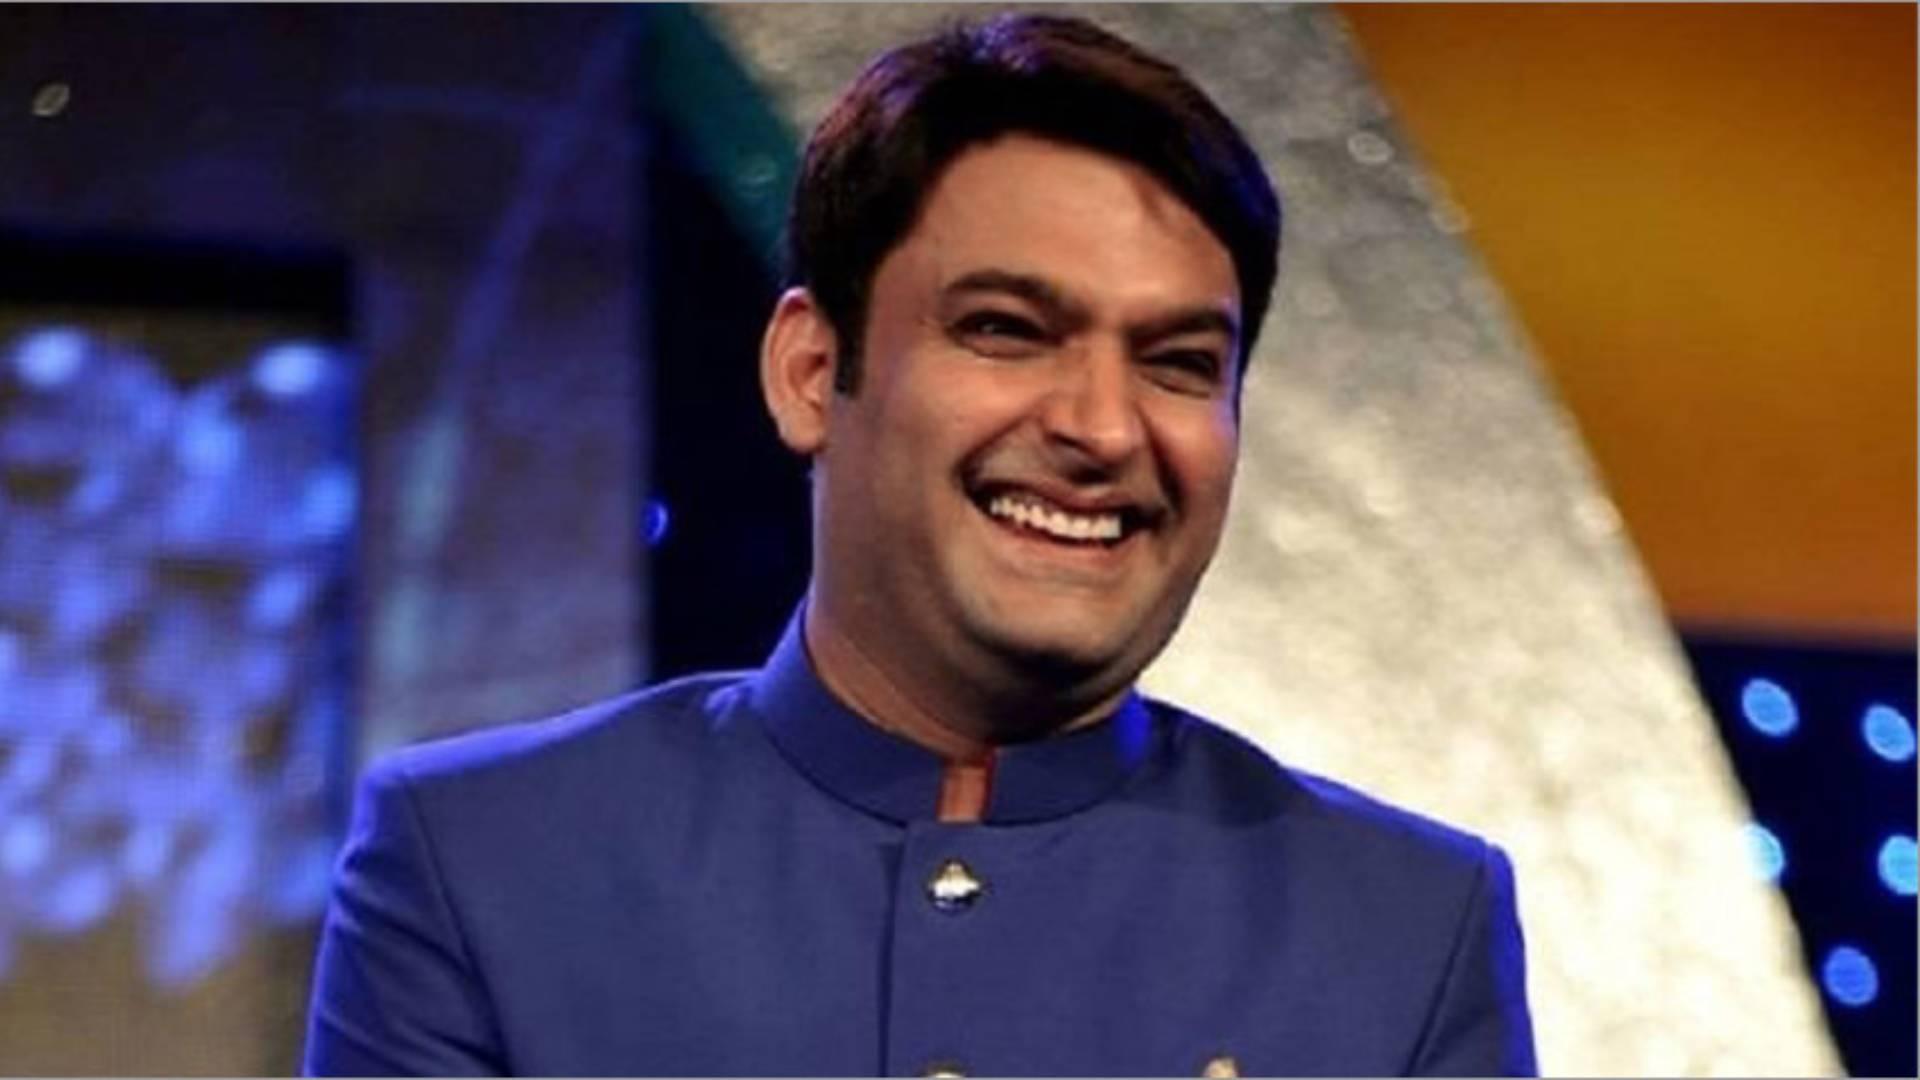 कपिल शर्मा ने शो में कही अपनी दिल की बात, गाया ये रोमांटिक गाना, देखिए ये वीडियो